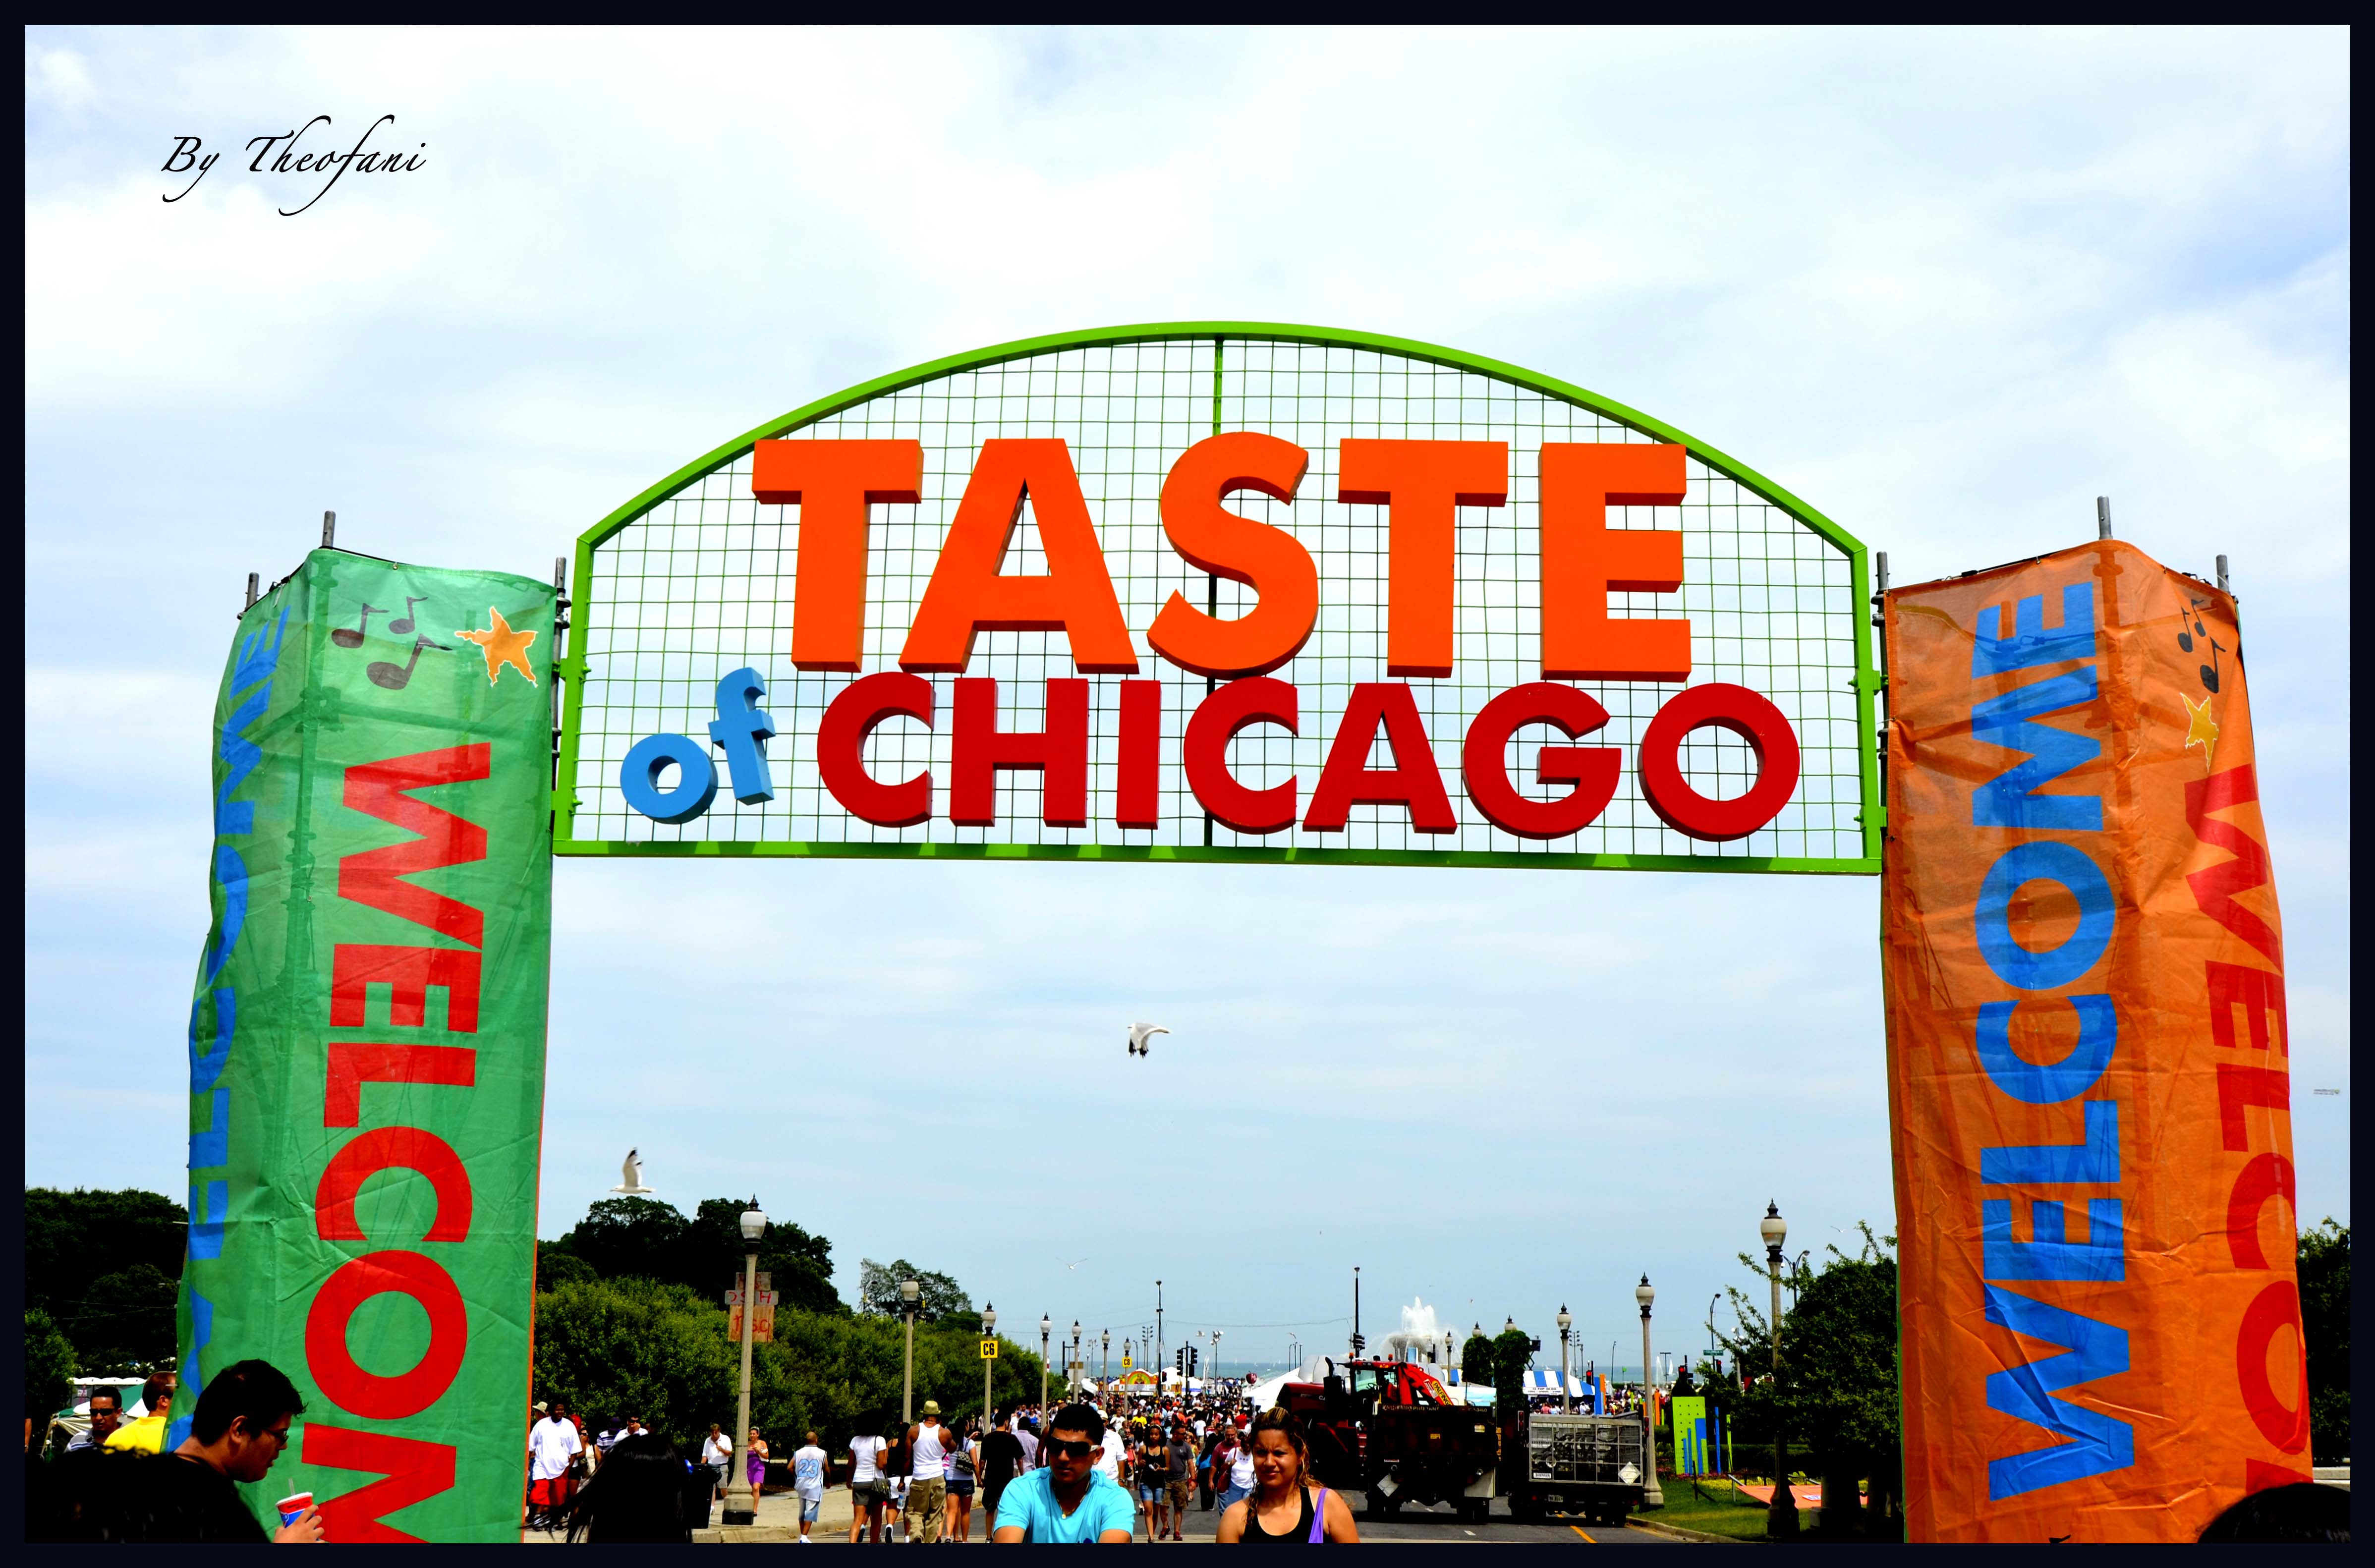 Taste of chicago dates in Sydney